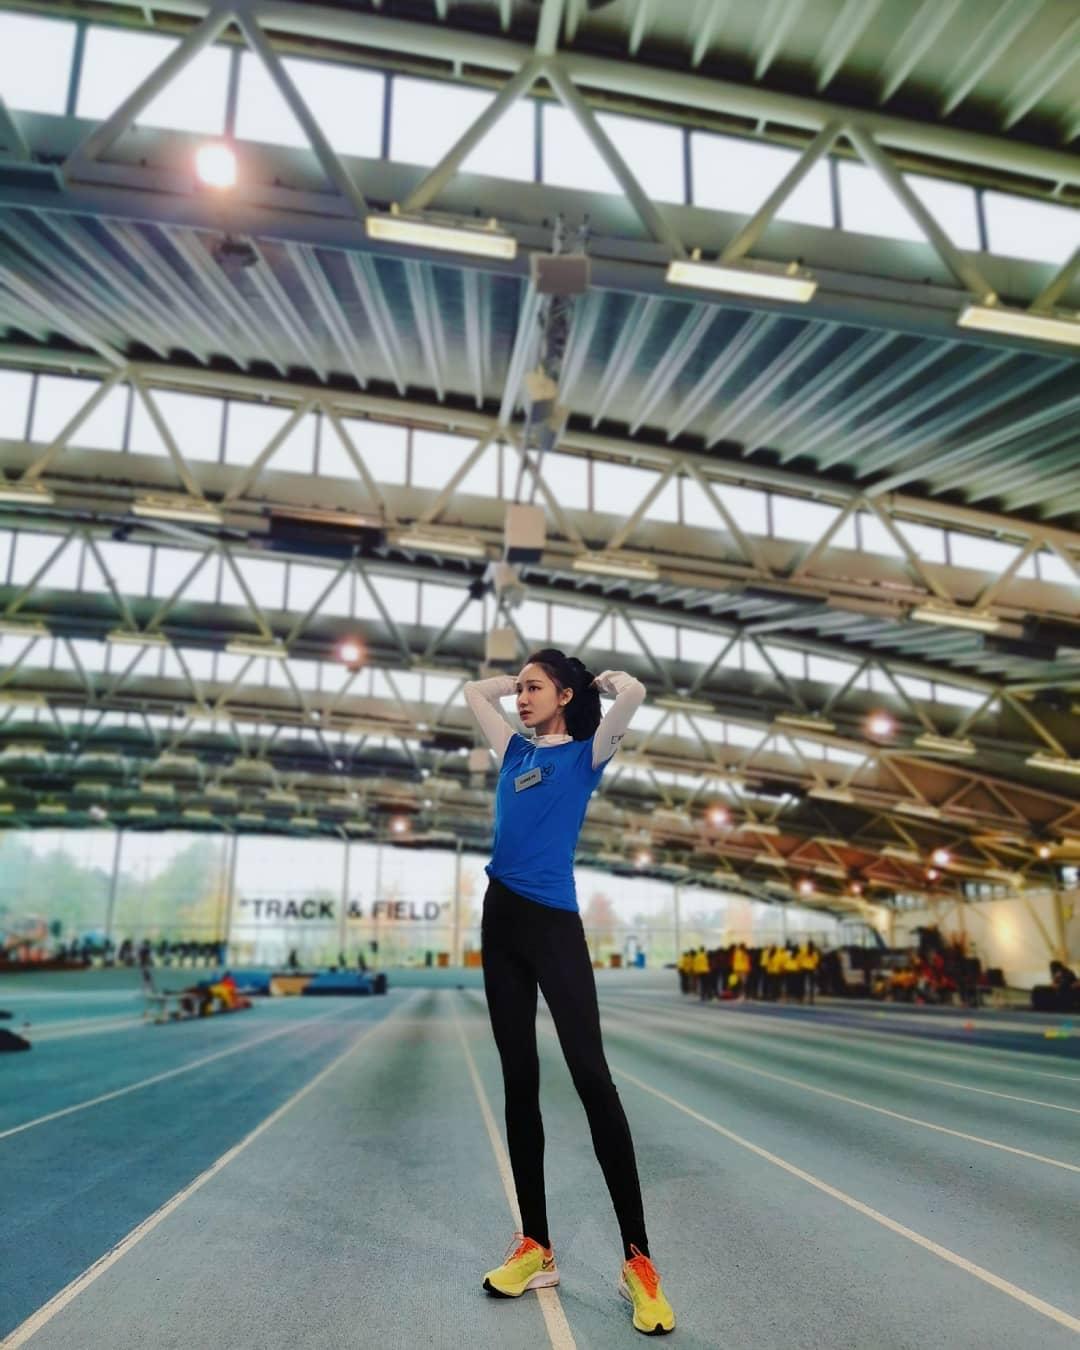 fast track miss sport de miss  world 2019. - Página 3 IuOUGr